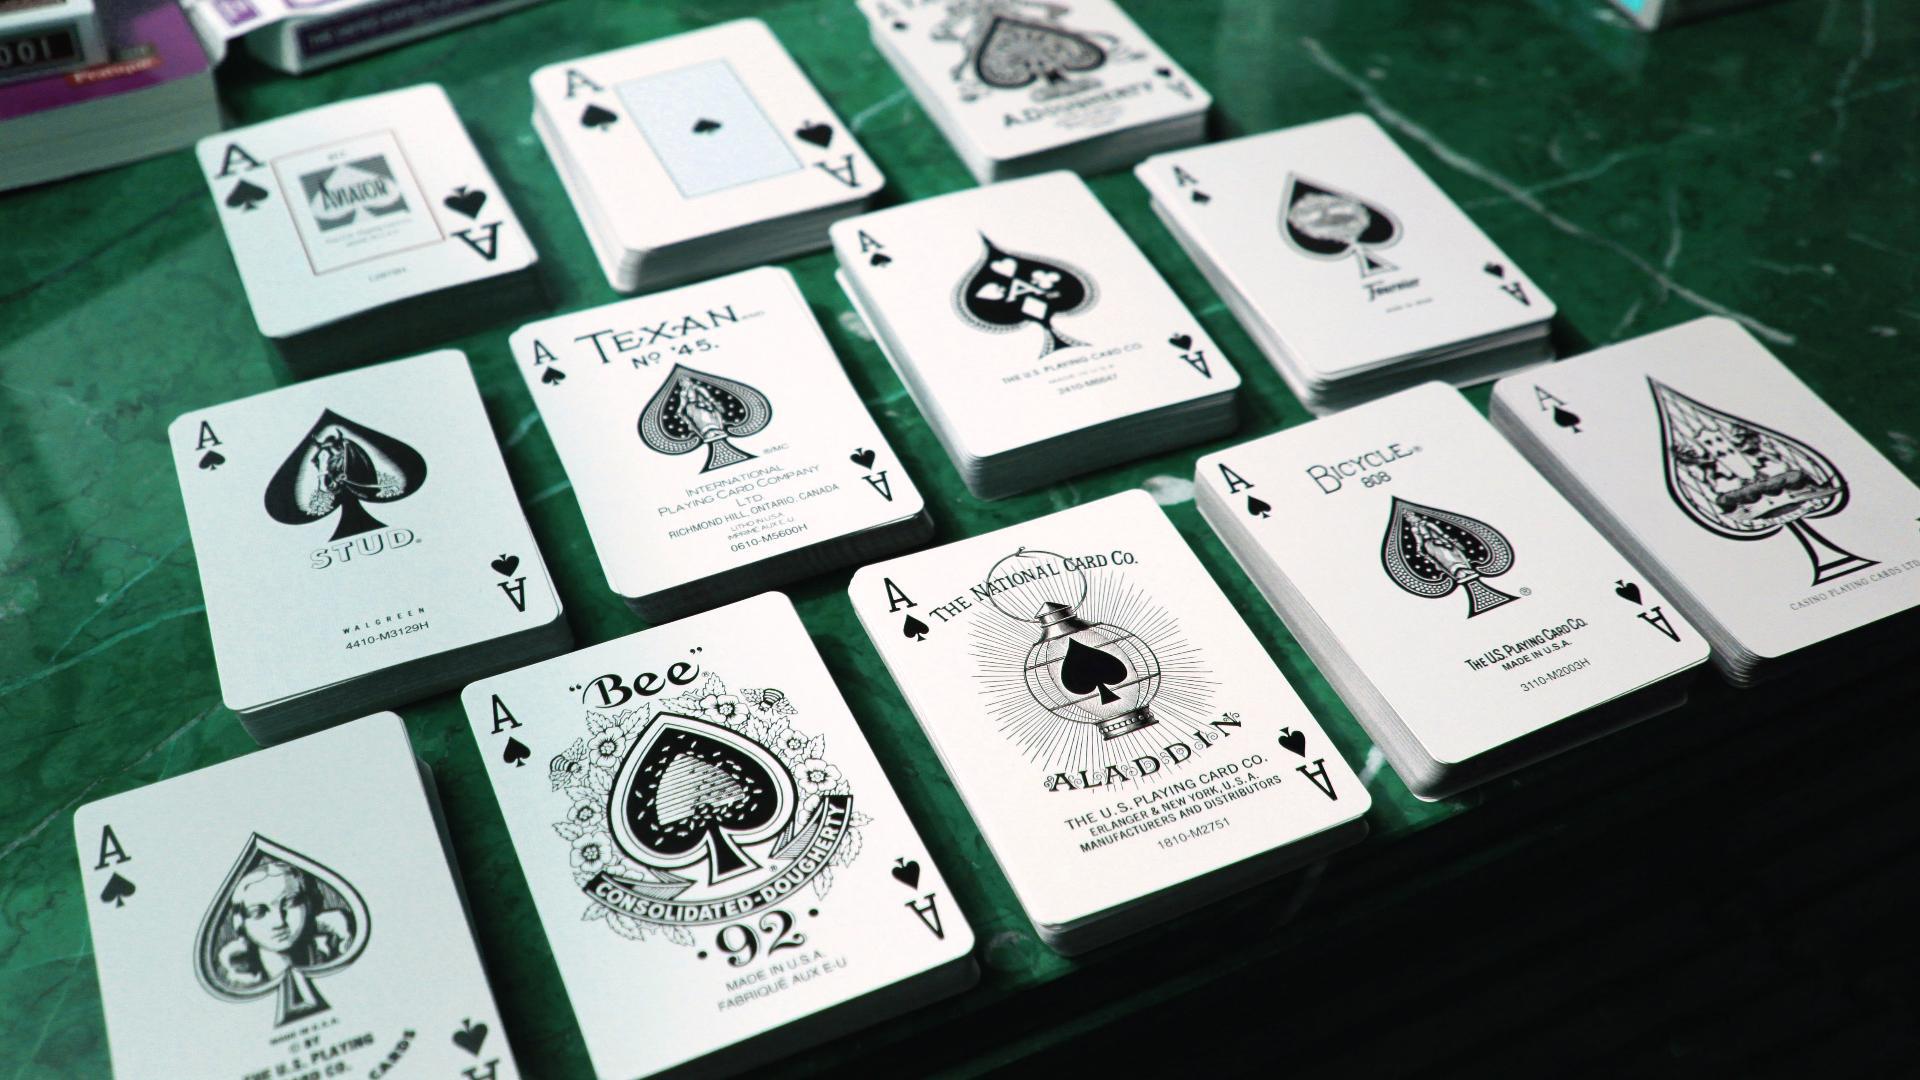 Mobile Poker Online Berikan Jackpot Besar Kepada Bettor